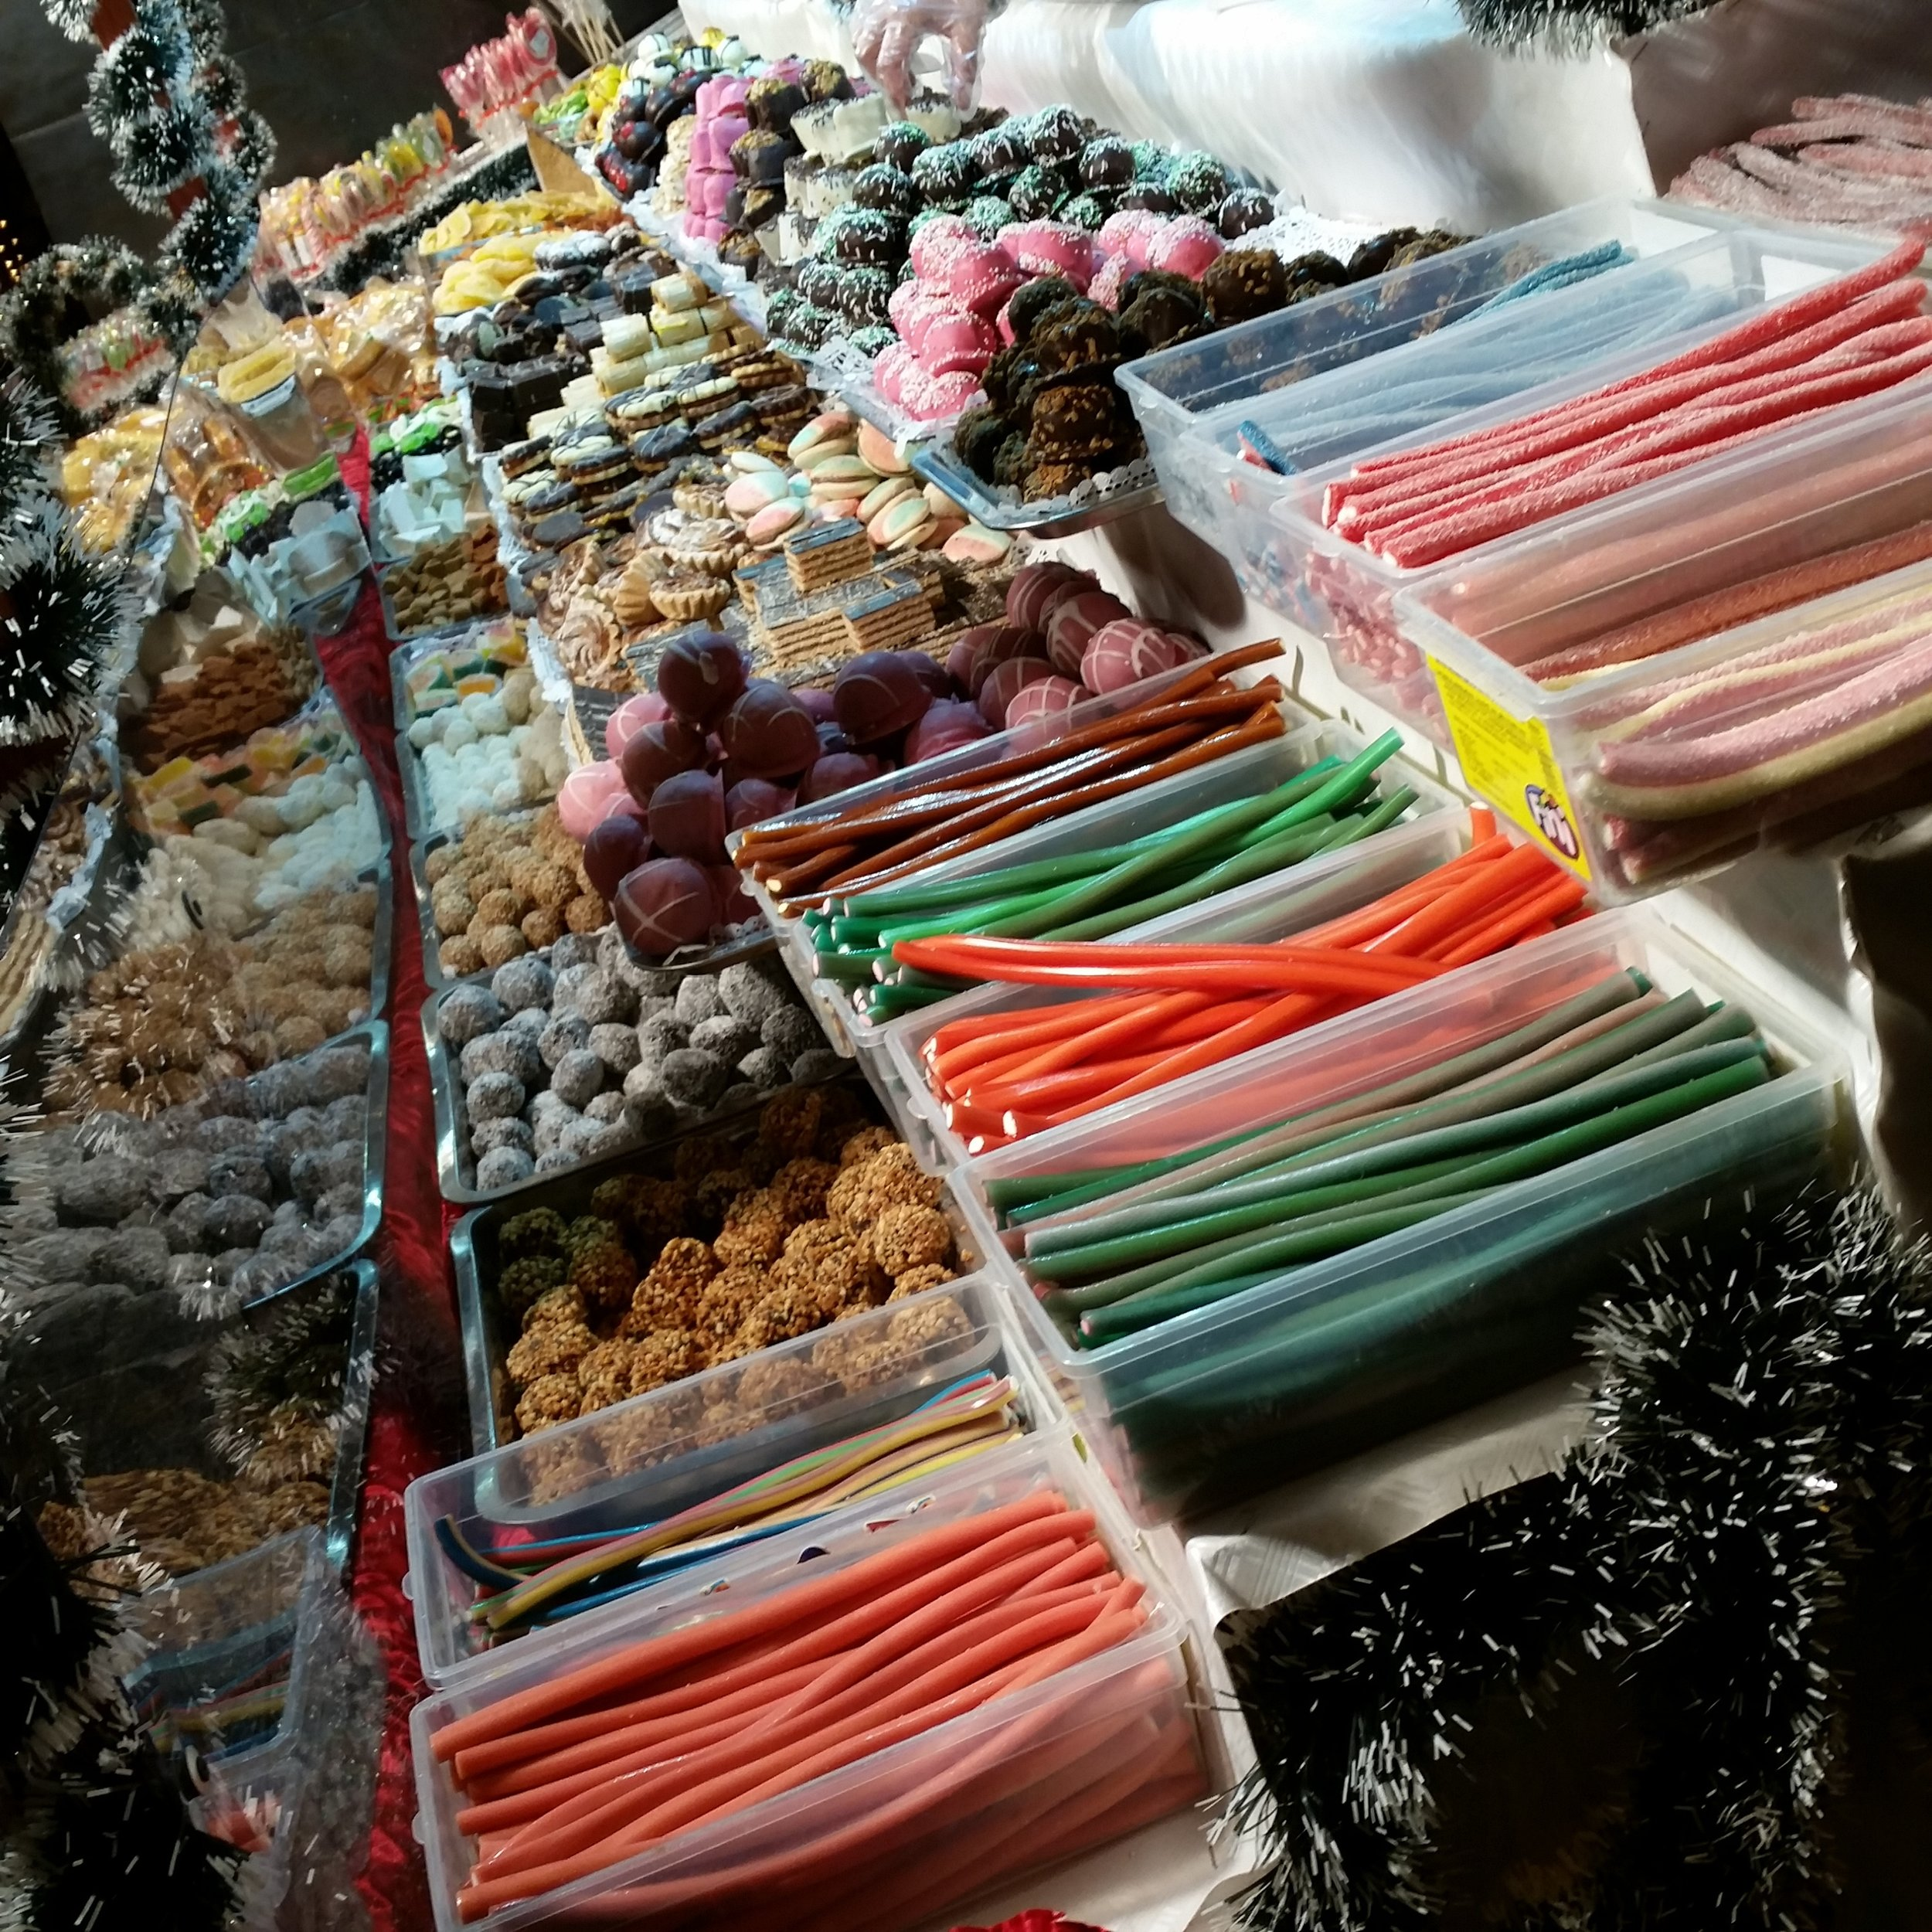 A street vendor's fare